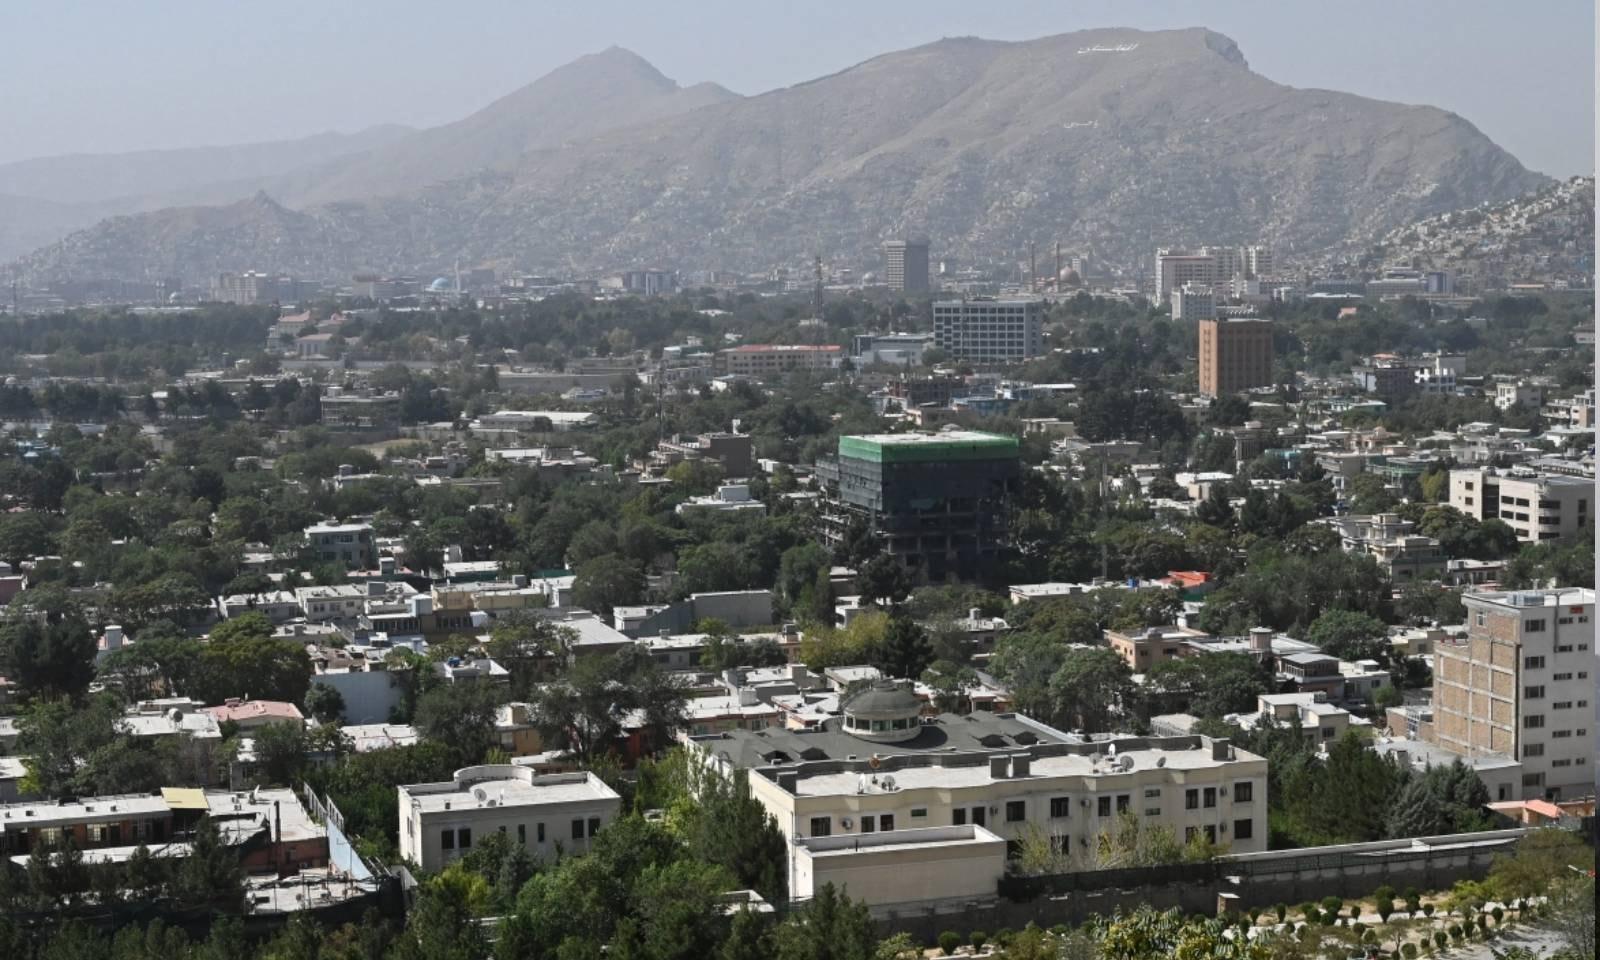 اشرف غنی کے ملک چھوڑ جانے کے بعد طالبان جنگجوؤں کو کابل میں داخلے کی اجازت دی گئی—فوٹو: اے ایف پی